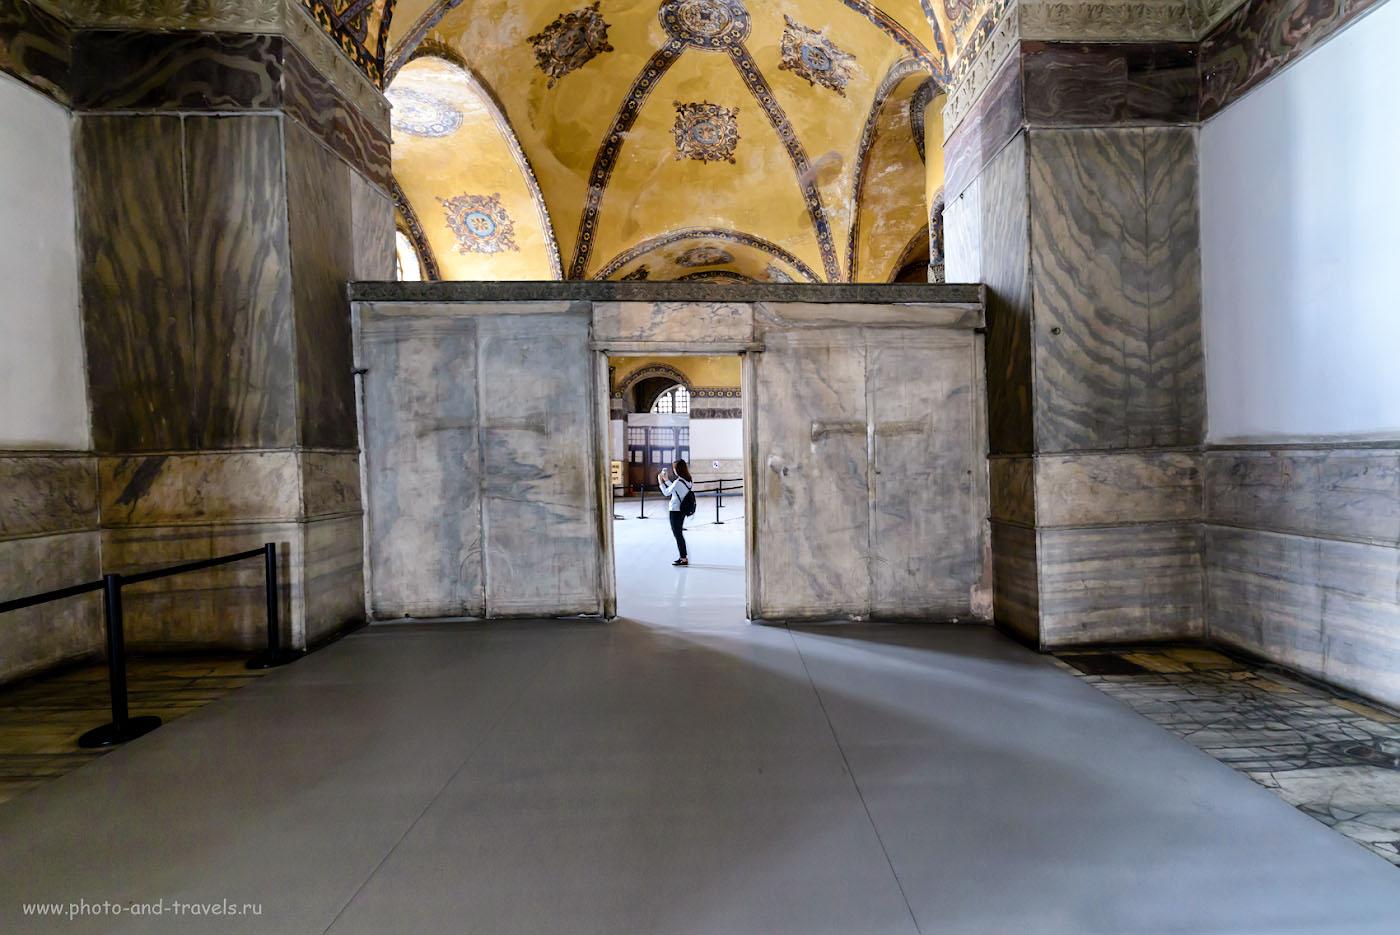 Фото 31. Мраморные ворота в Айя-Софии. Что мы успели посмотреть в Стамбуле за один день. Поездка в Турцию на отдых. 1/20, 5.6, 3200, 14.